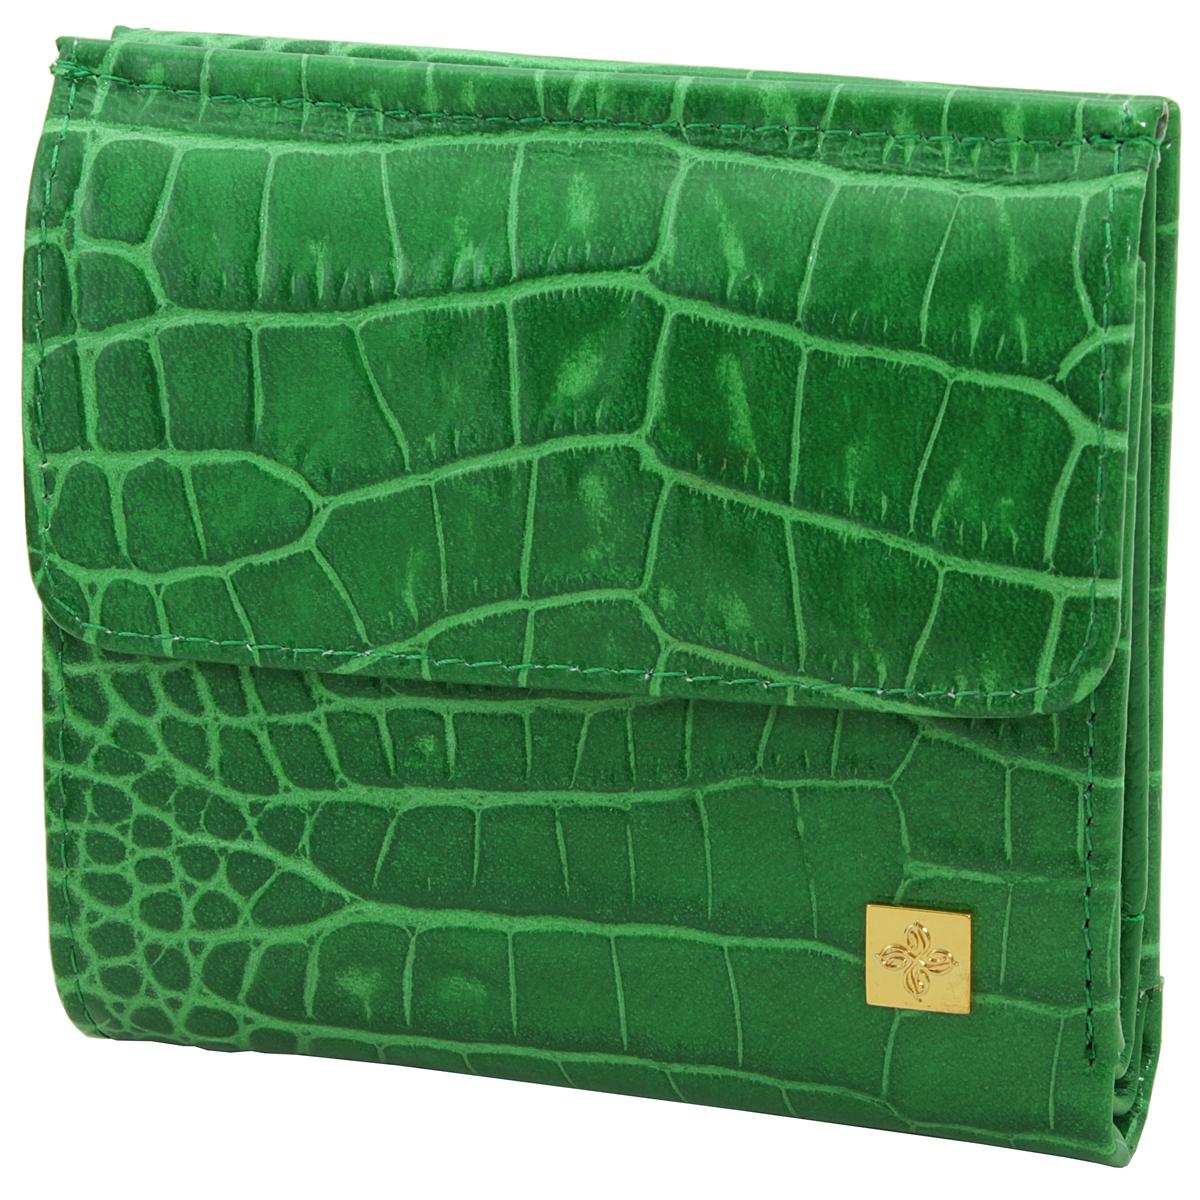 Кошелек женский Dimanche Казино, цвет: зеленый. 983983Женский компактный кошелек Казино выполнен из натуральной высококачественной кожи с декоративным тиснением под крокодила. Снаружи - объемный карман для мелочи, закрывается на кнопку. Внутри располагаются один карман для купюр с потайным отделением на молнии и карман для бумаг и небольших документов, также имеются два отделения для кредиток, кармашек для sim-карты, два смежных вертикальных кармана для небольших бумаг и карман с прозрачной стенкой. Кошелек упакован в фирменную картонную коробку. Характеристики: Материал: натуральная кожа, текстиль, металл. Размер кошелька: 10 см х 10 см х 3 см. Цвет: зеленый.